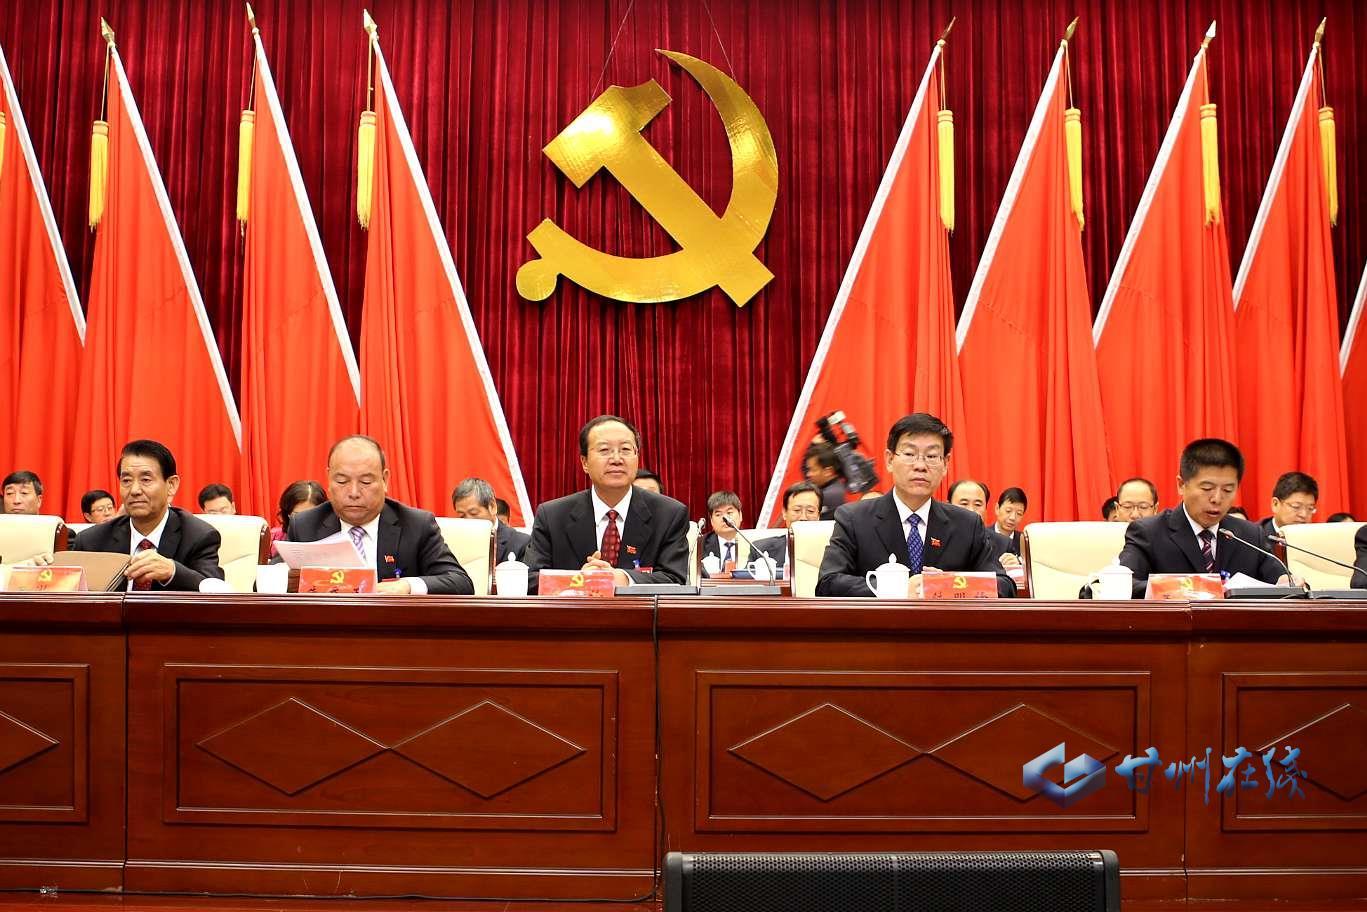 中国共产党张掖市甘州区第四次代表大会隆重开幕